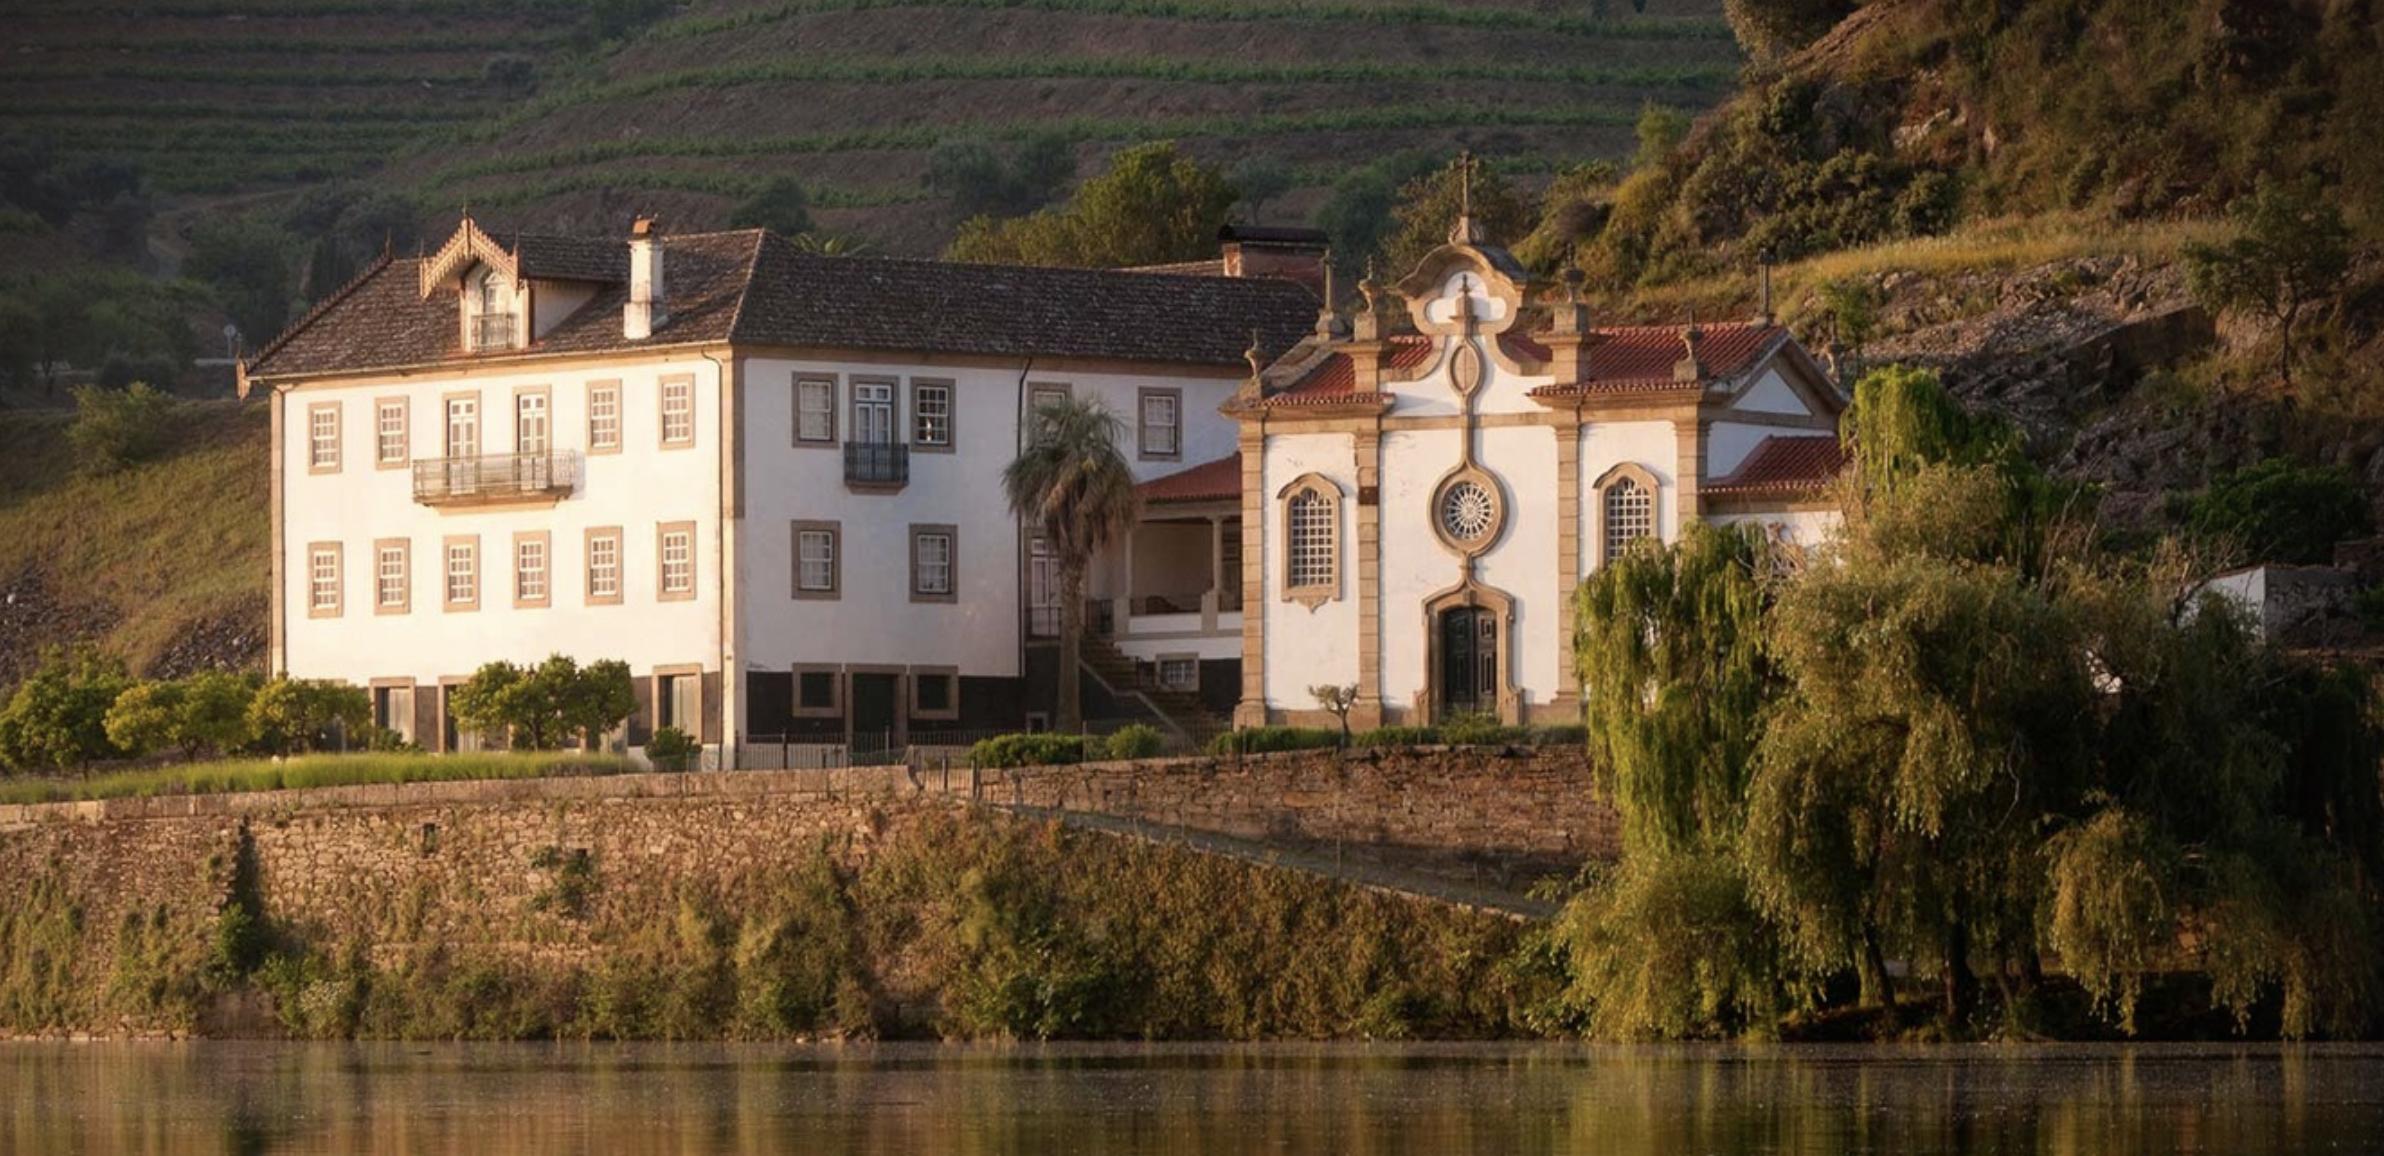 Immagine Quinta do Vesuvio